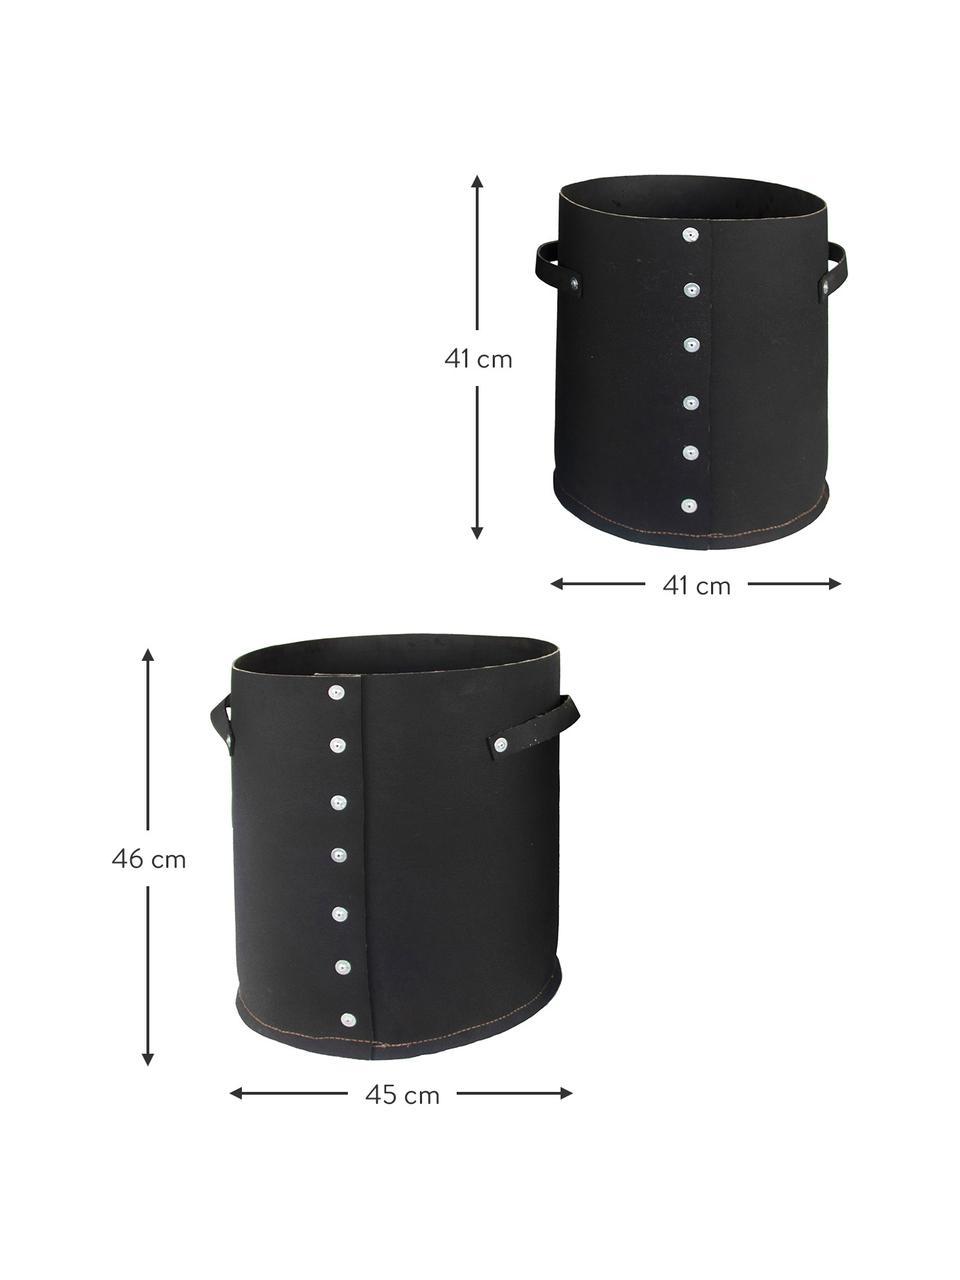 XL Handgefertigtes Übertopf-Set Reuse, 2-tlg., Gummi, recycelt, Schwarz, Set mit verschiedenen Größen